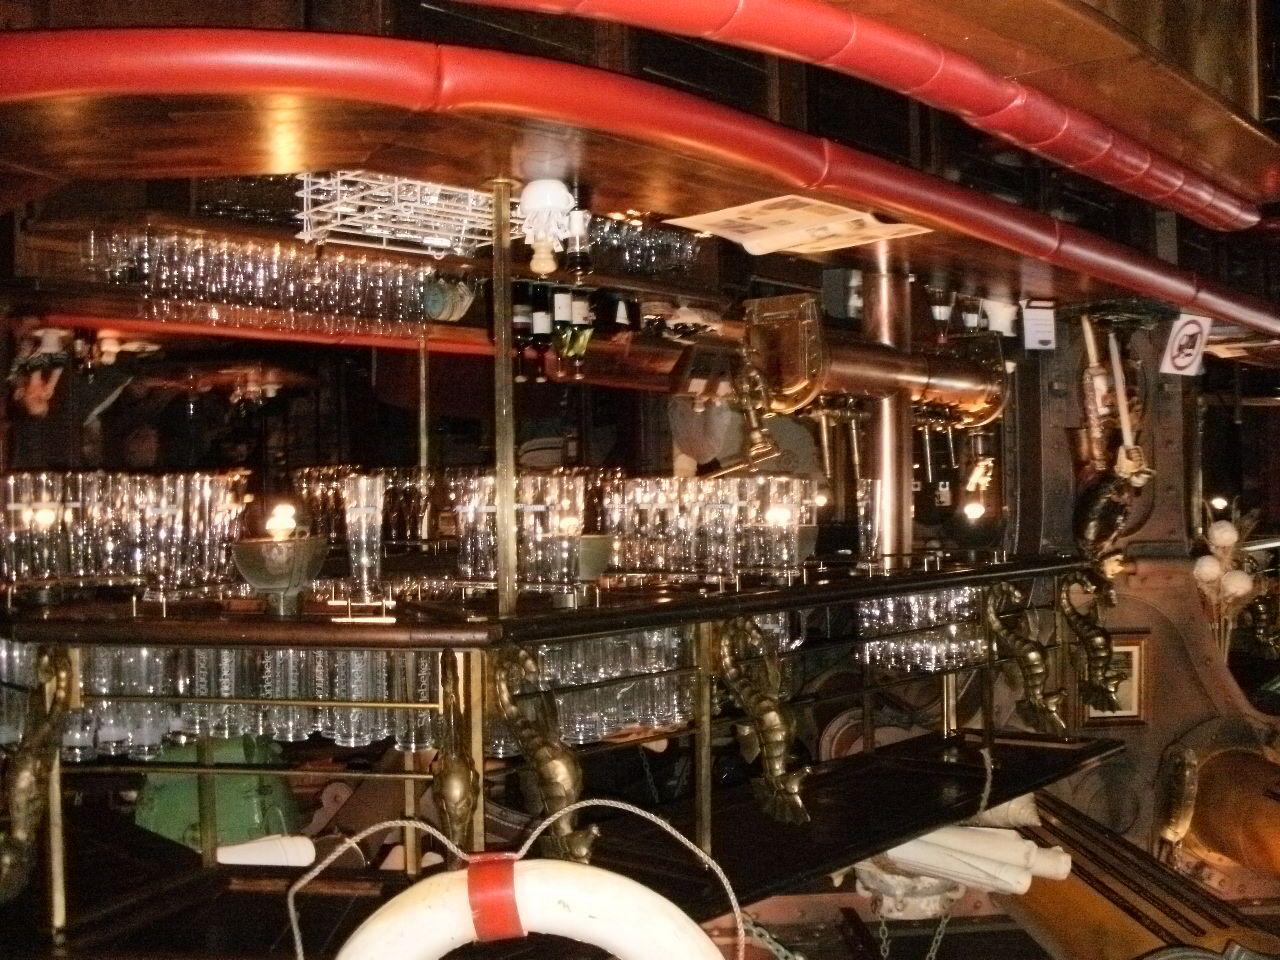 Restaurant Nautilus In Neukamp Auf Rugen Speisen Auf Den Spuren Von Jules Verne Www Ruegen Nautilus De Insel Rugen Rugen Darss Zingst